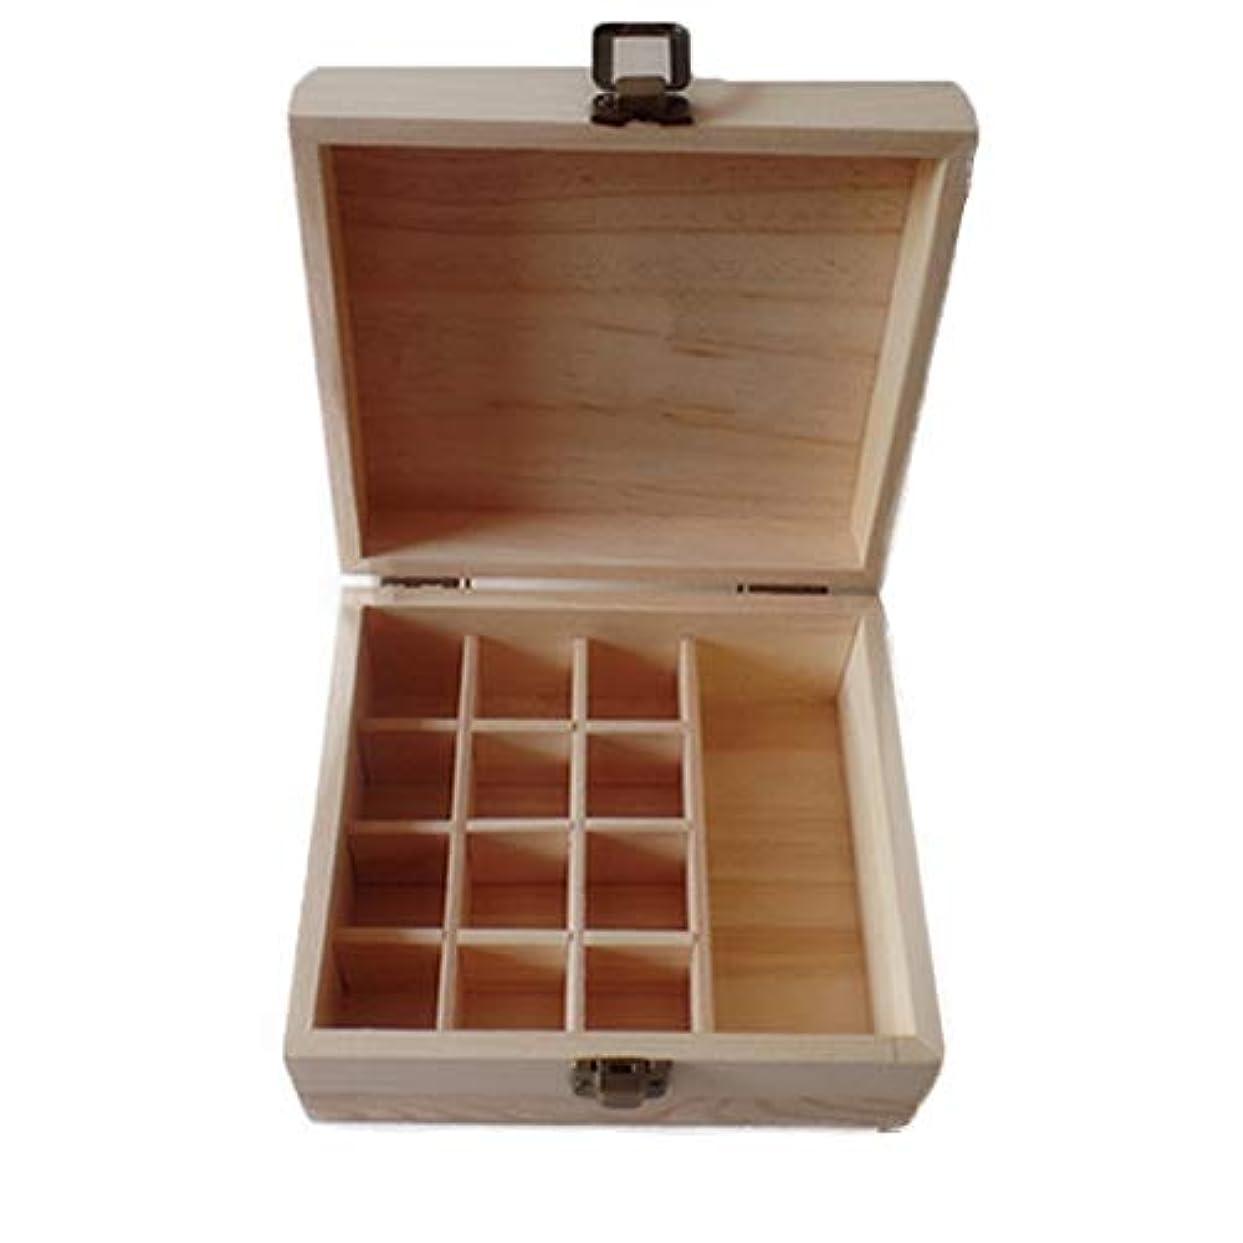 優れた冷淡なに付けるディスプレイのプレゼンテーションのために完璧な13スロットエッセンシャルオイルストレージ木箱エッセンシャルオイル木製ケース アロマセラピー製品 (色 : Natural, サイズ : 15X16.9X8CM)